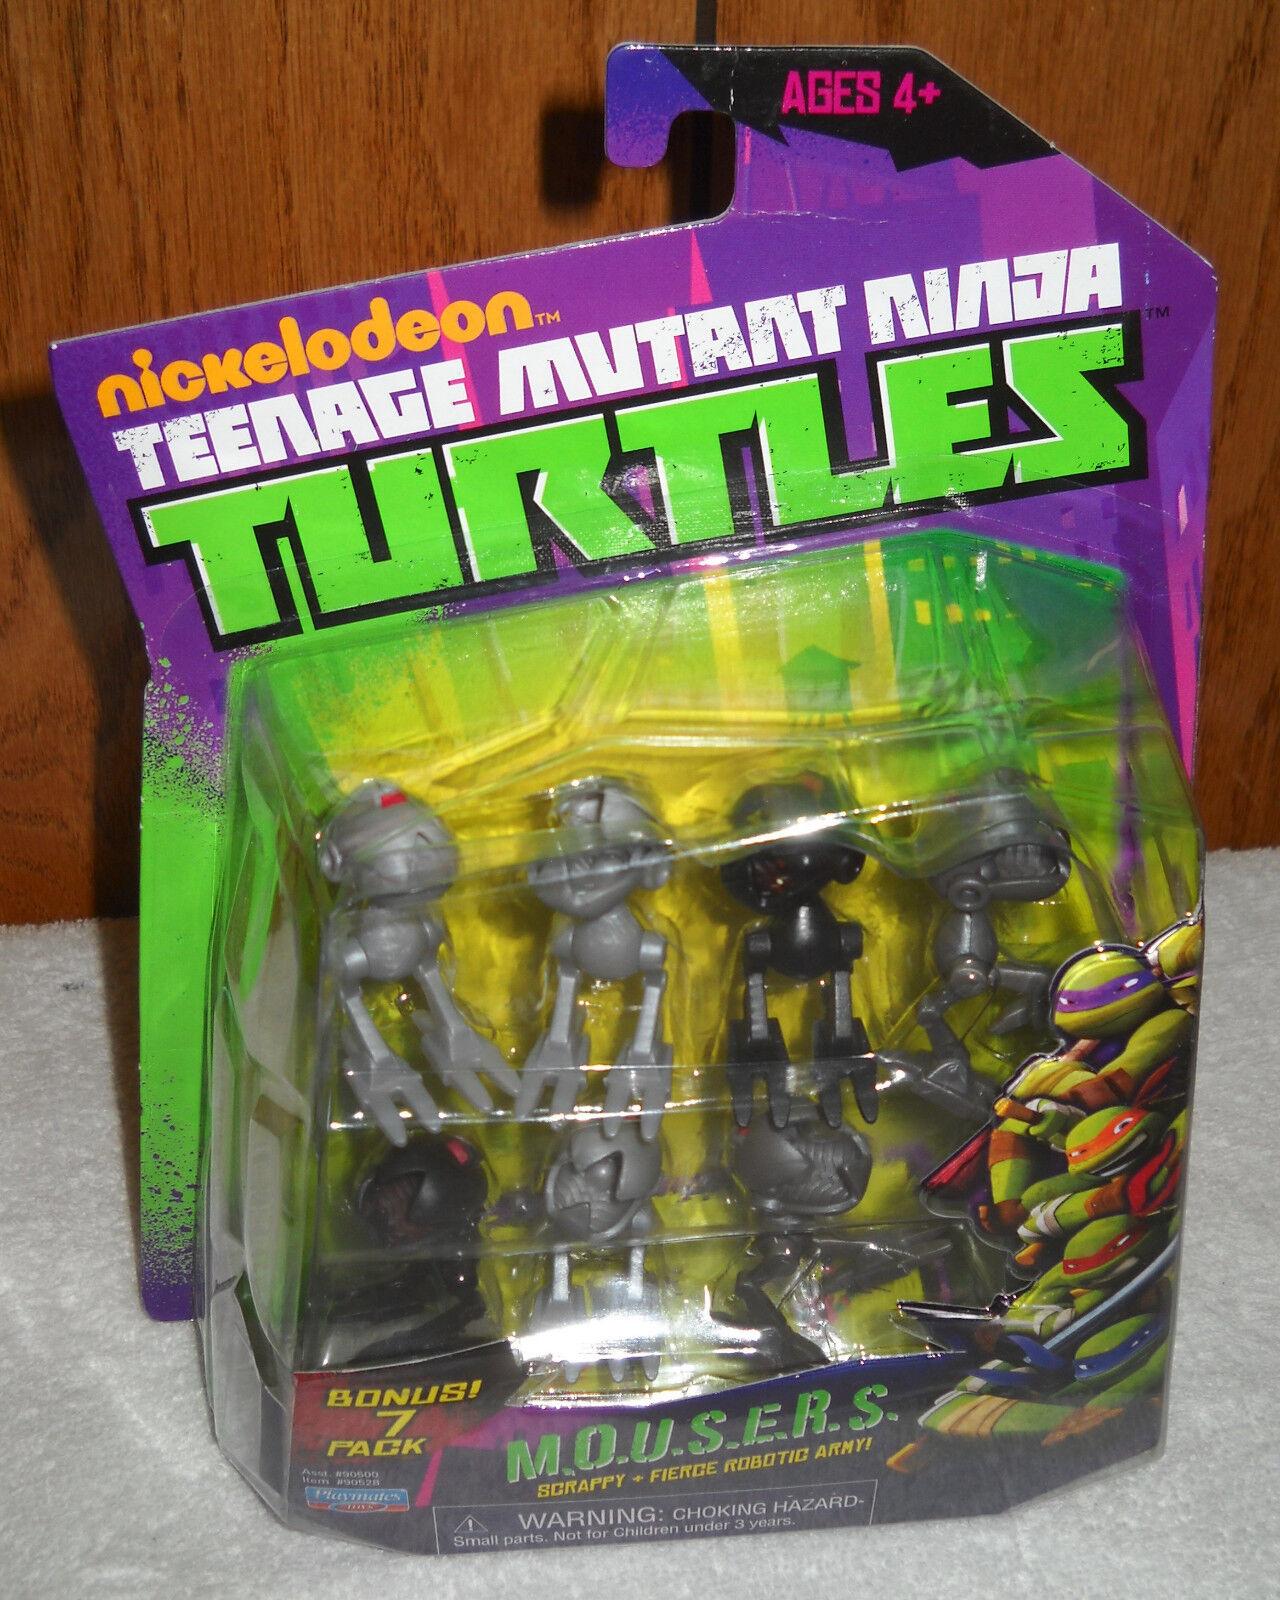 7447 NOC Teenage Mutant Ninja Turtles 2